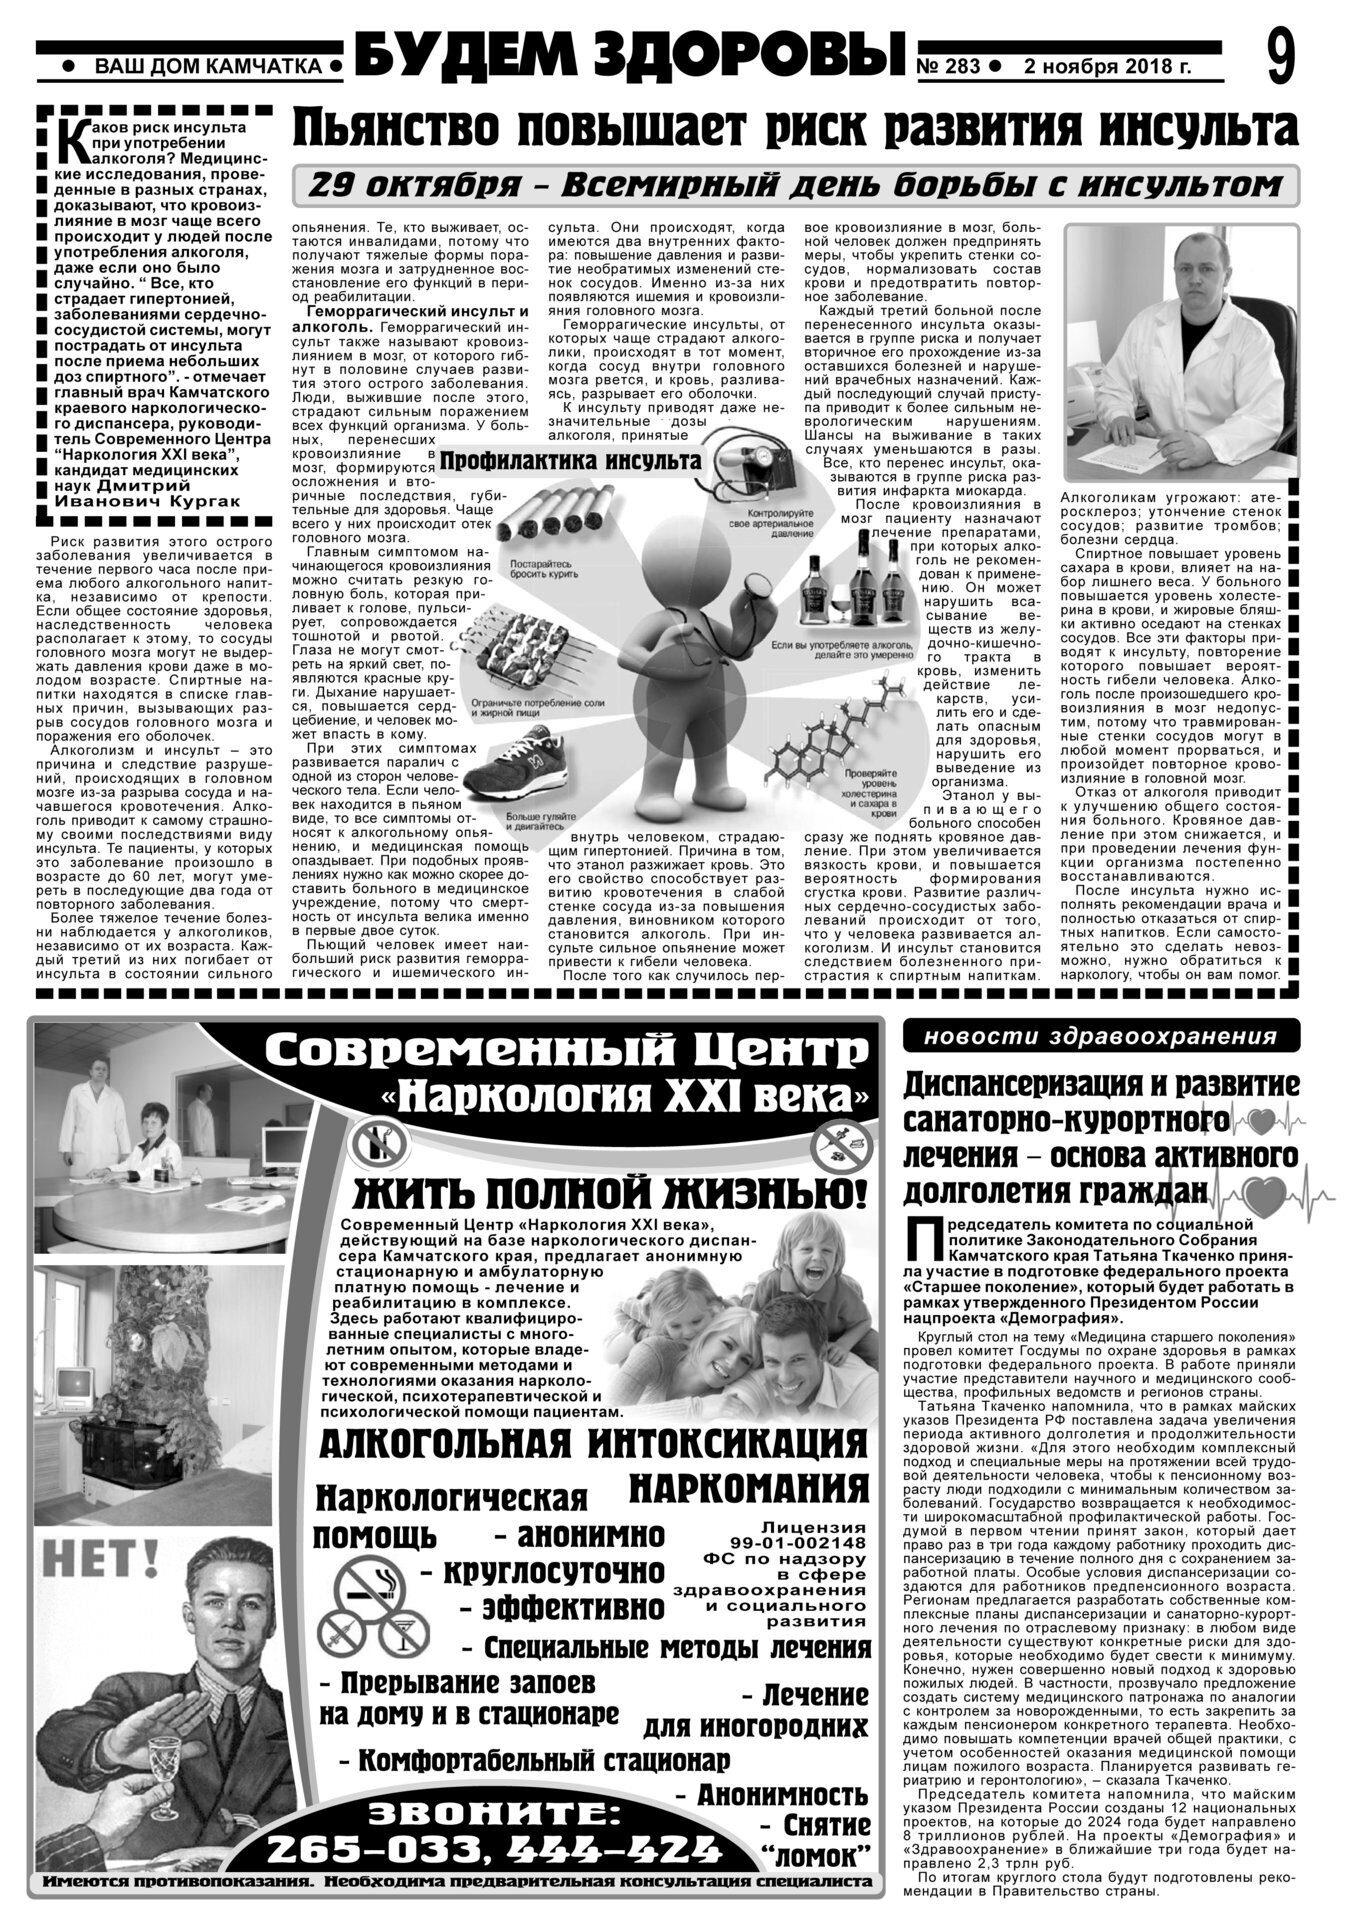 Публикация в газете Ваш Дом Камчатка №283